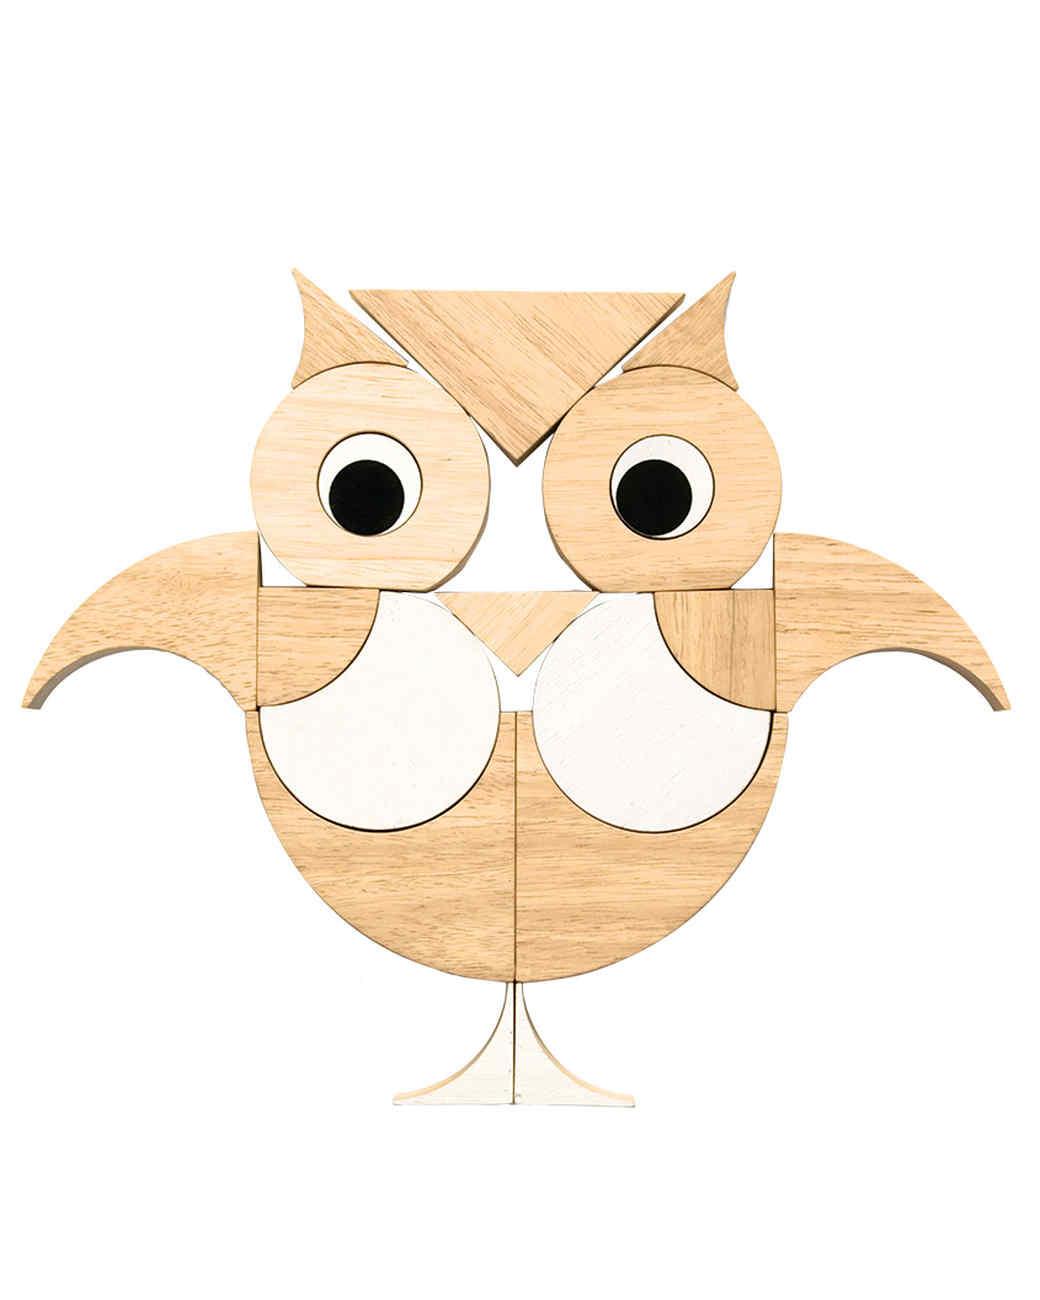 mls106738_1210_owl_on_white_silo.jpg